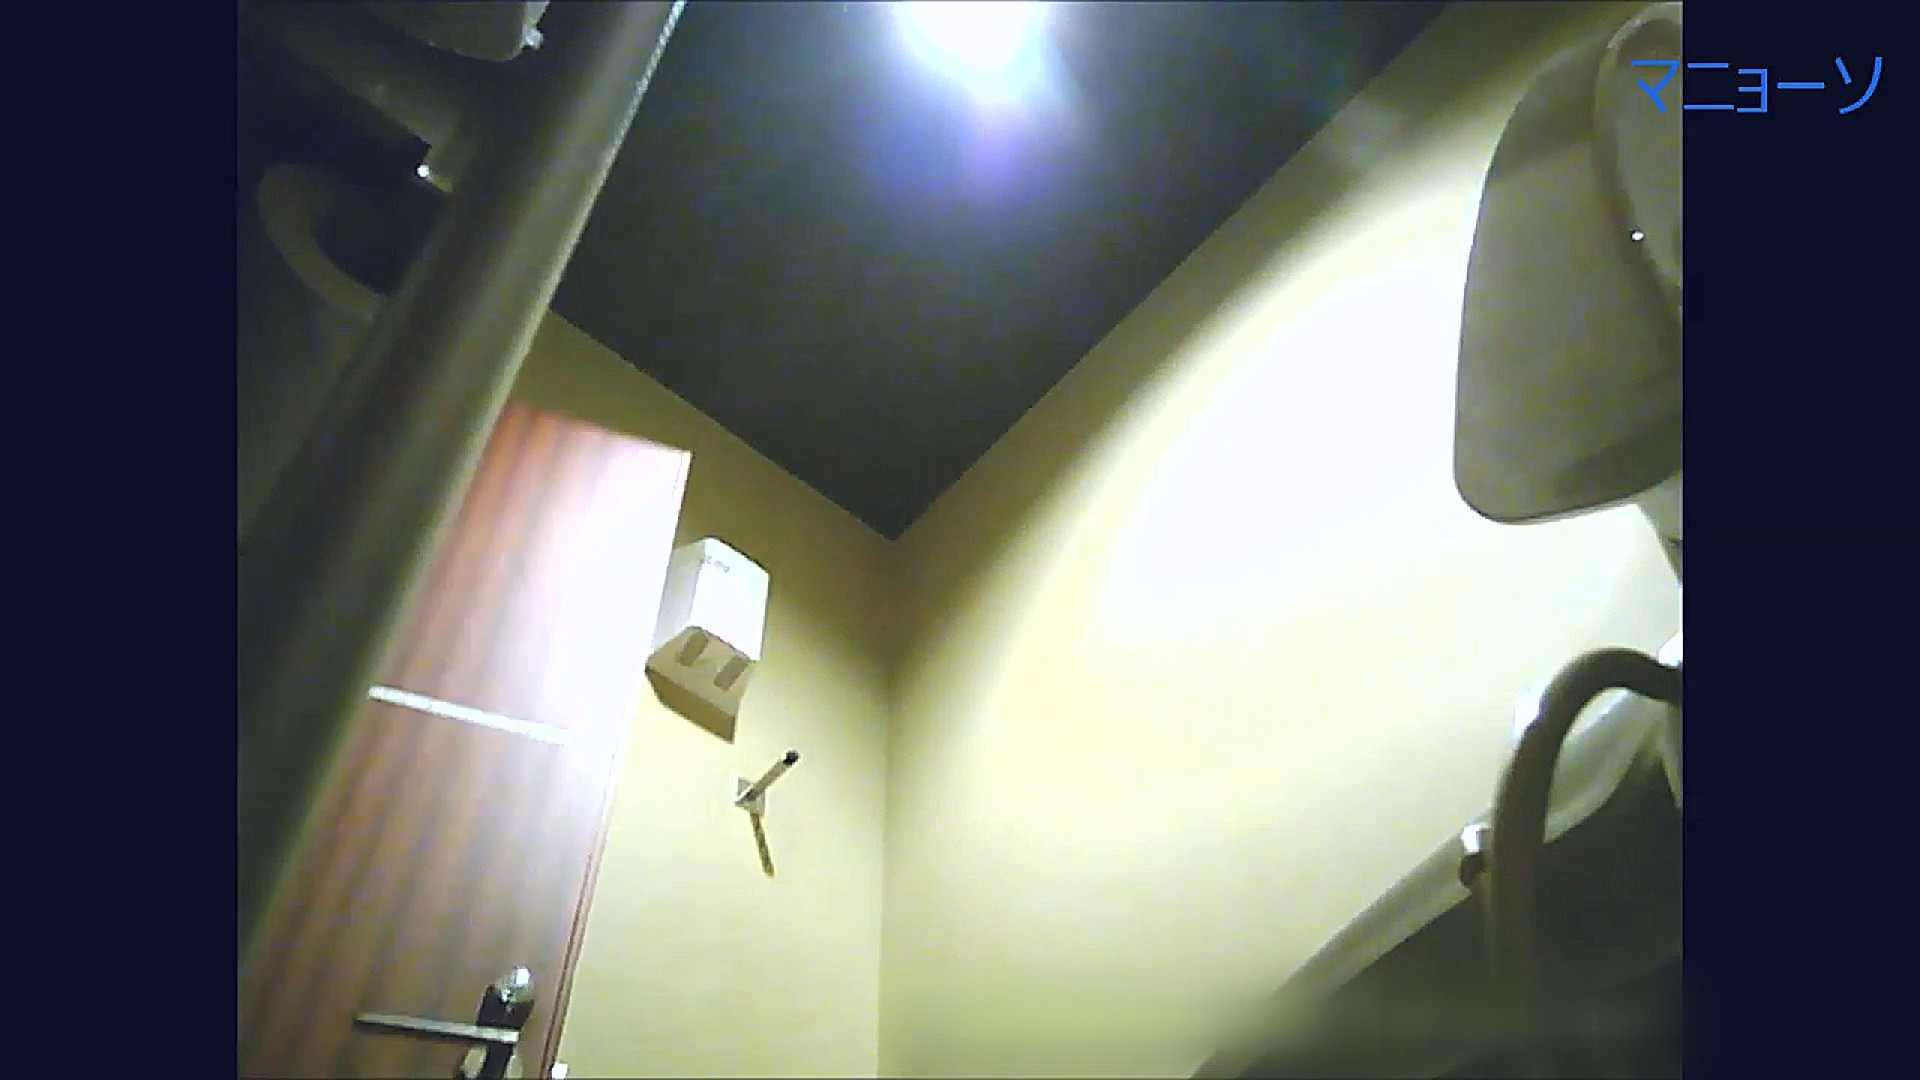 トイレでひと肌脱いでもらいました (番外編)Vol.03 洗面所のぞき オマンコ無修正動画無料 108枚 89